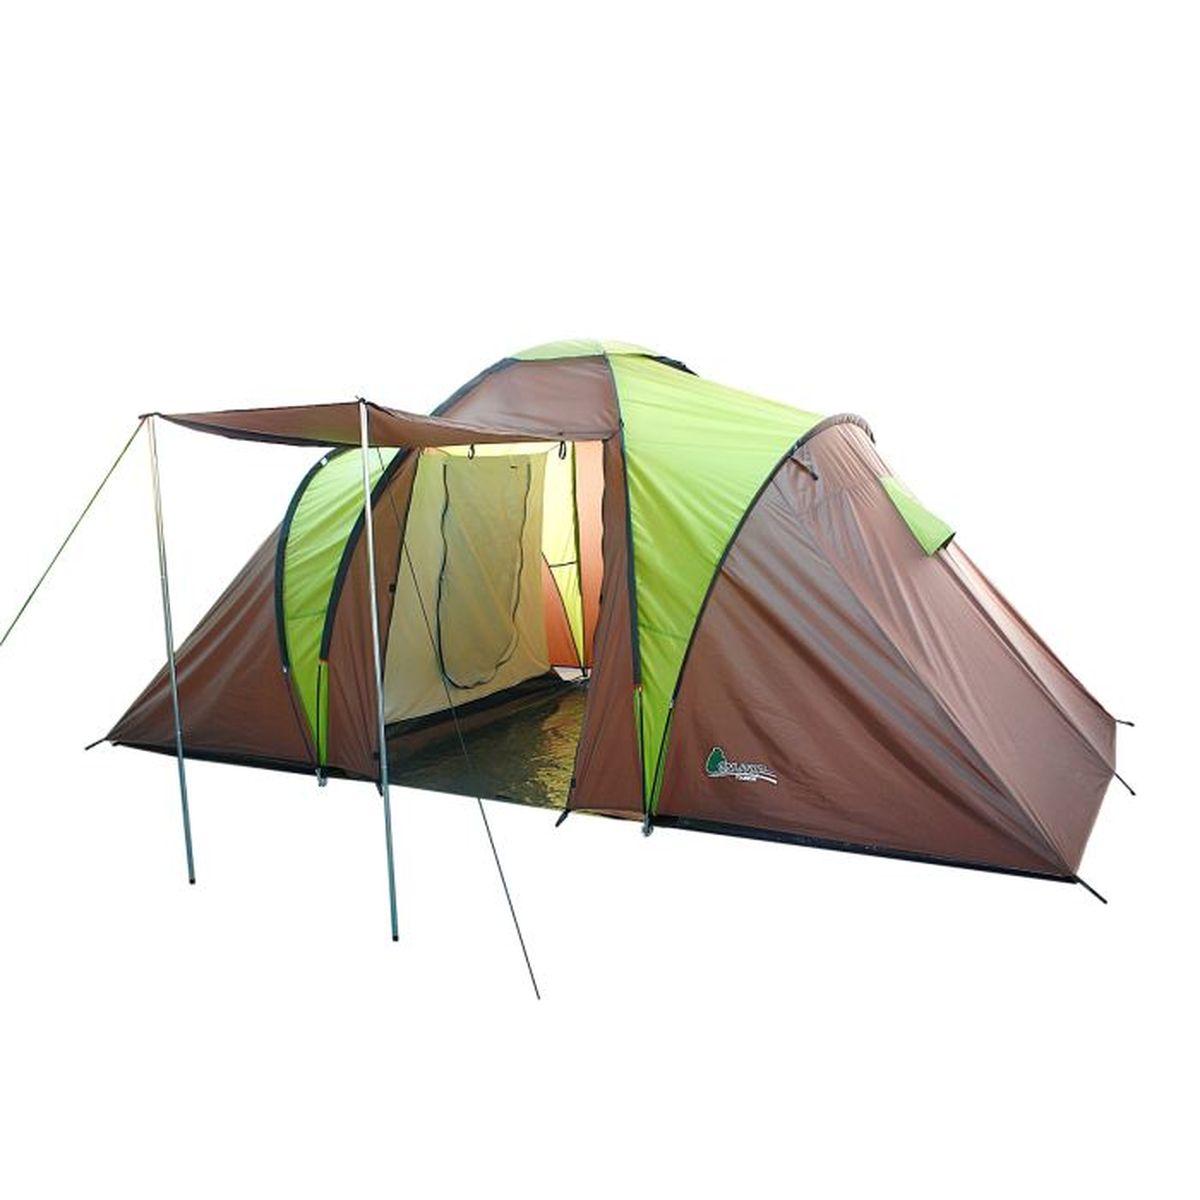 Палатка туристическая Onlitop MIRAGE 4, цвет: коричневый, зеленый